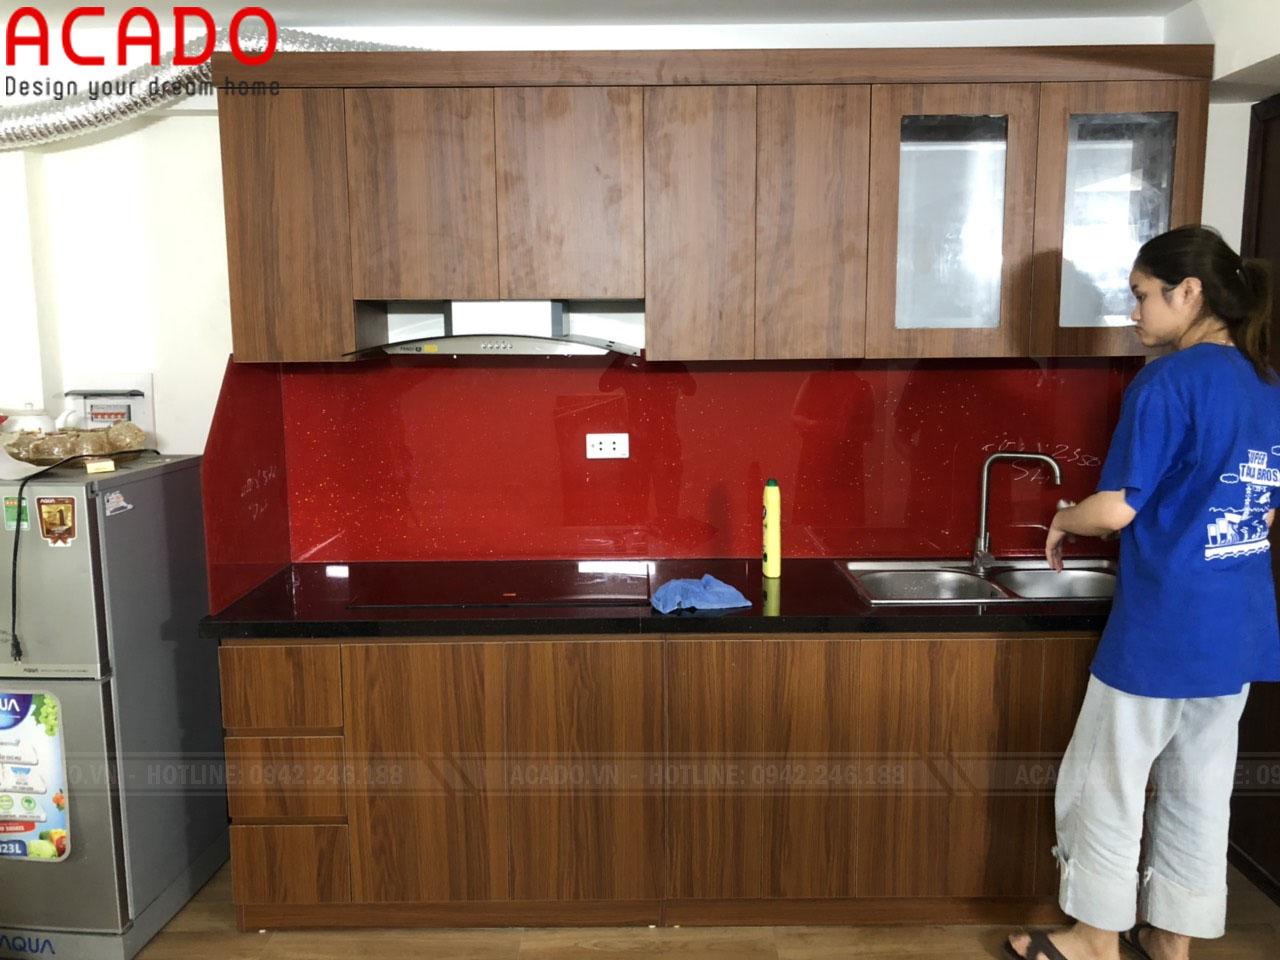 Tủ bếp chất liệu Melamine chống ẩm, chống mối mọt vượt trội - Thi công tủ bếp tại Hai Bà Trưng